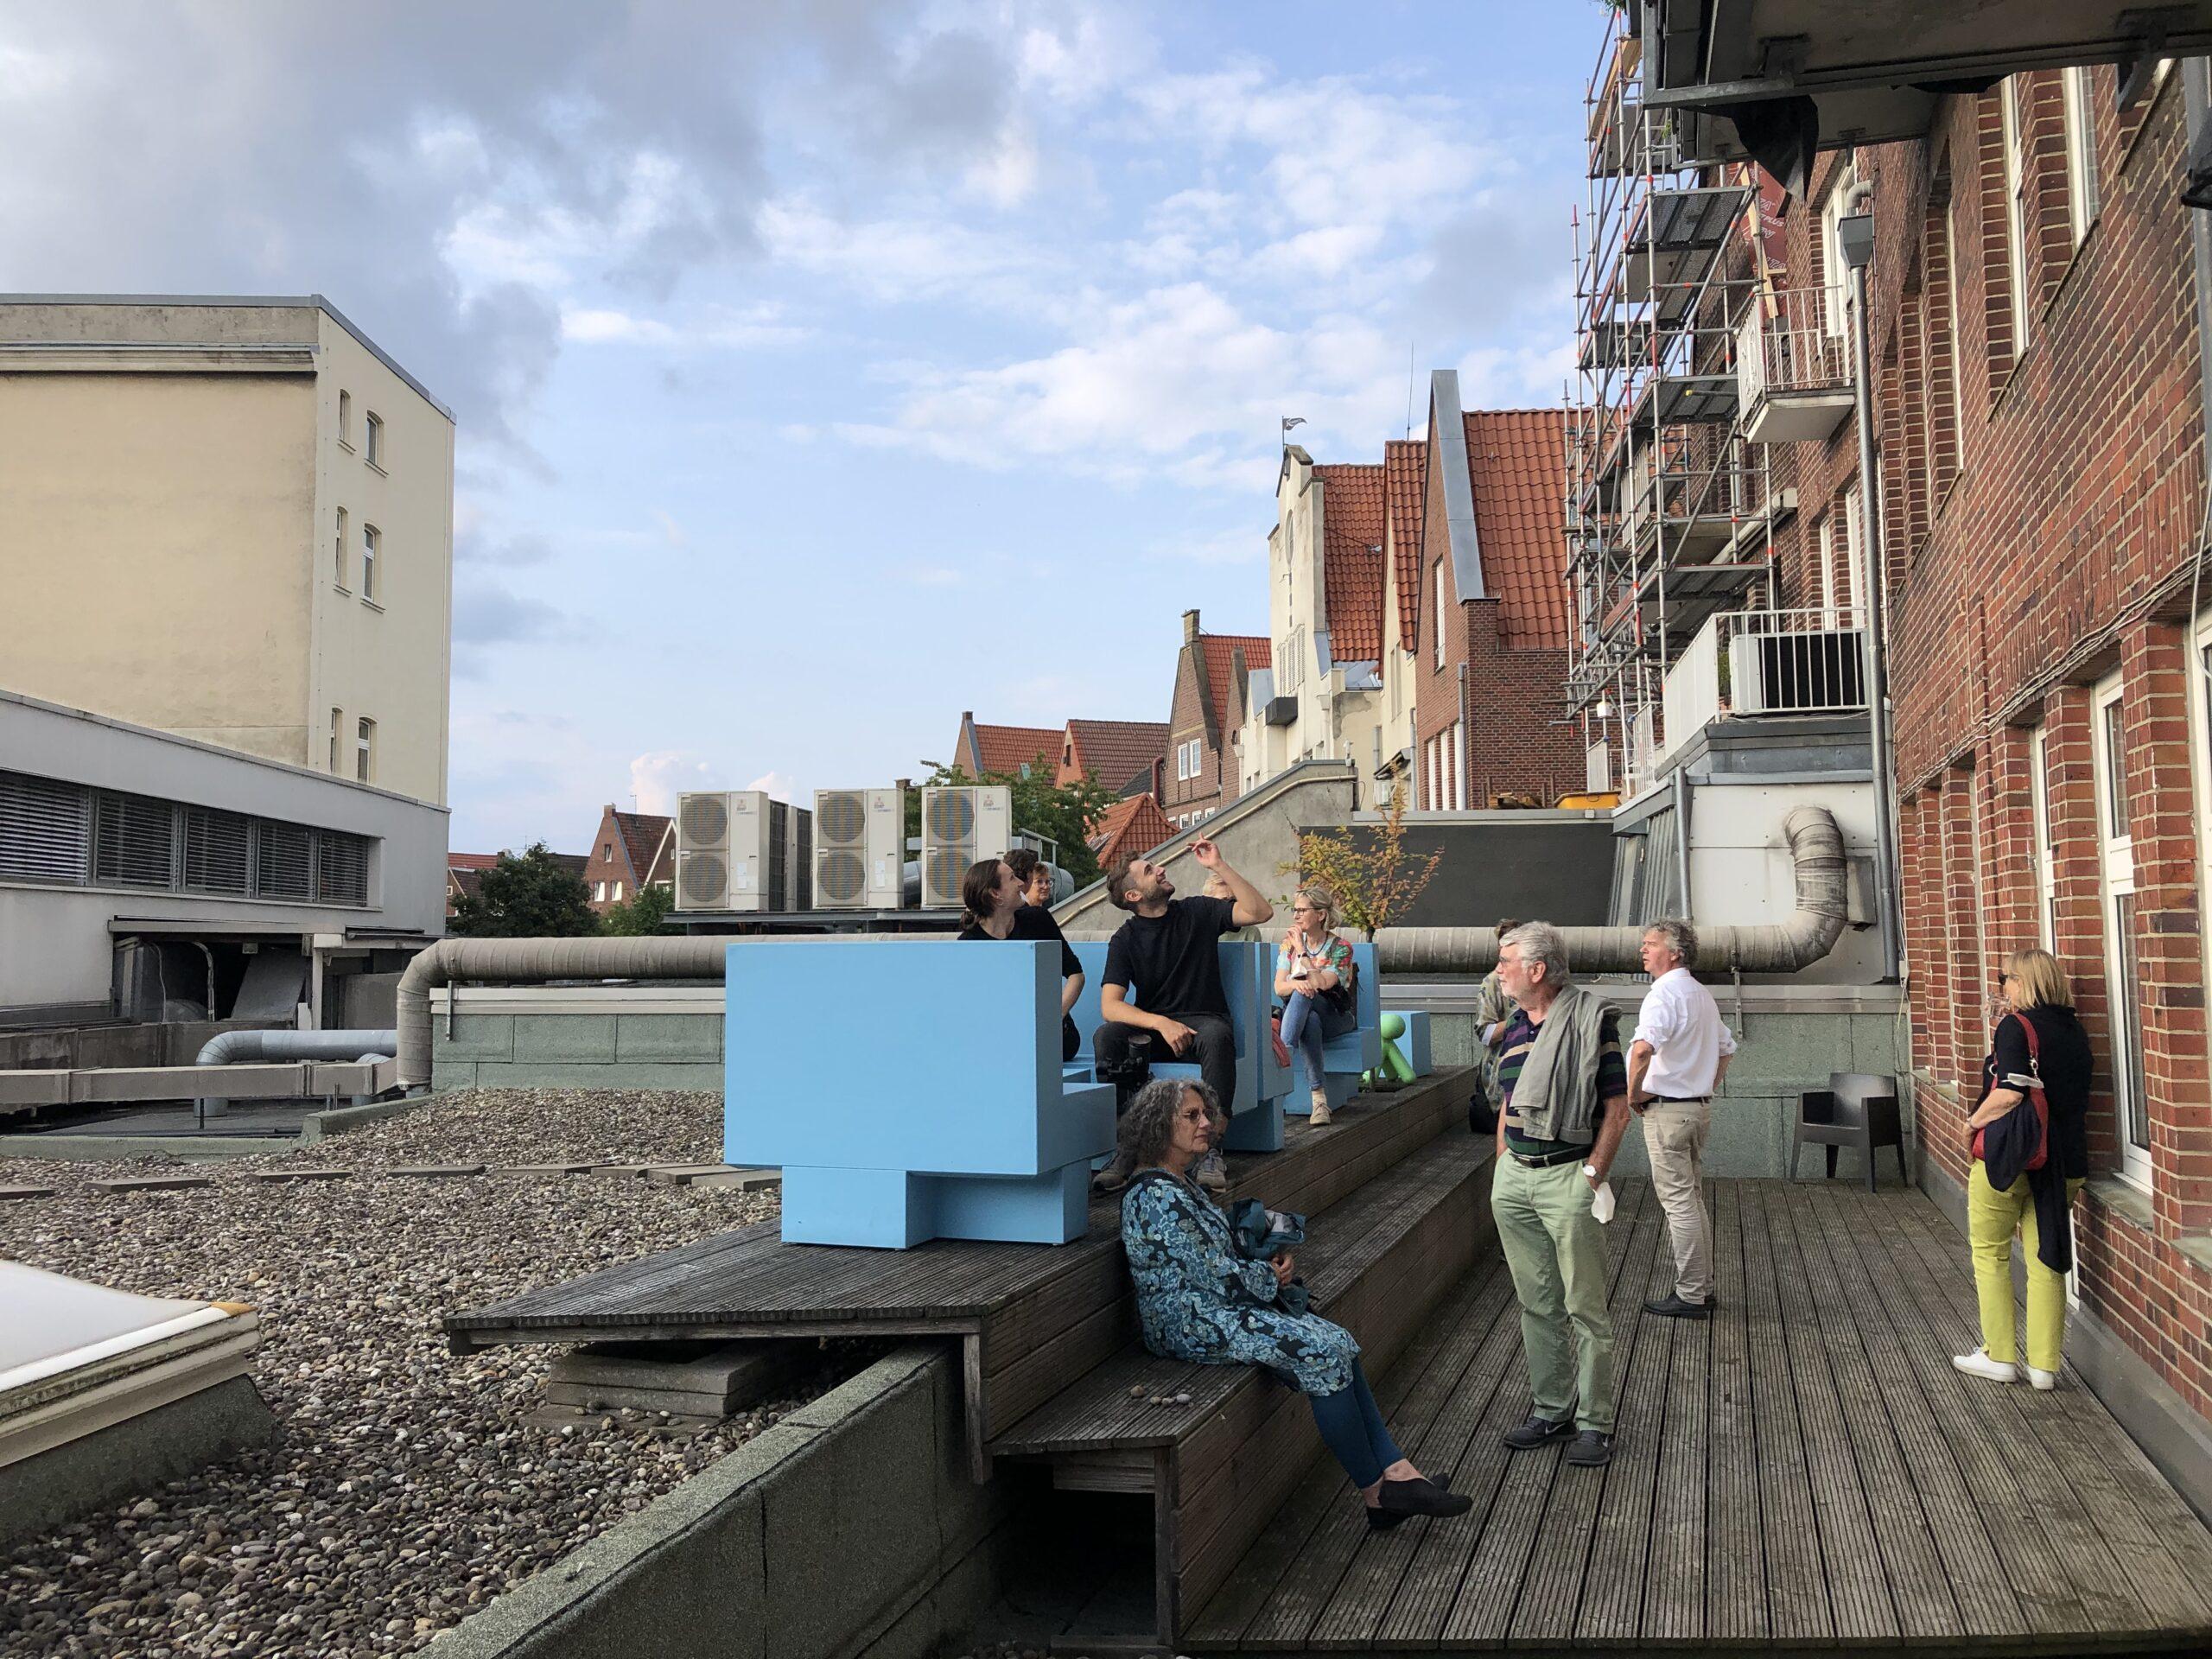 Münster Modell: Rundgang zu verschiedenen Höfen in der Altstadt - Foto: Stefan Rethfeld